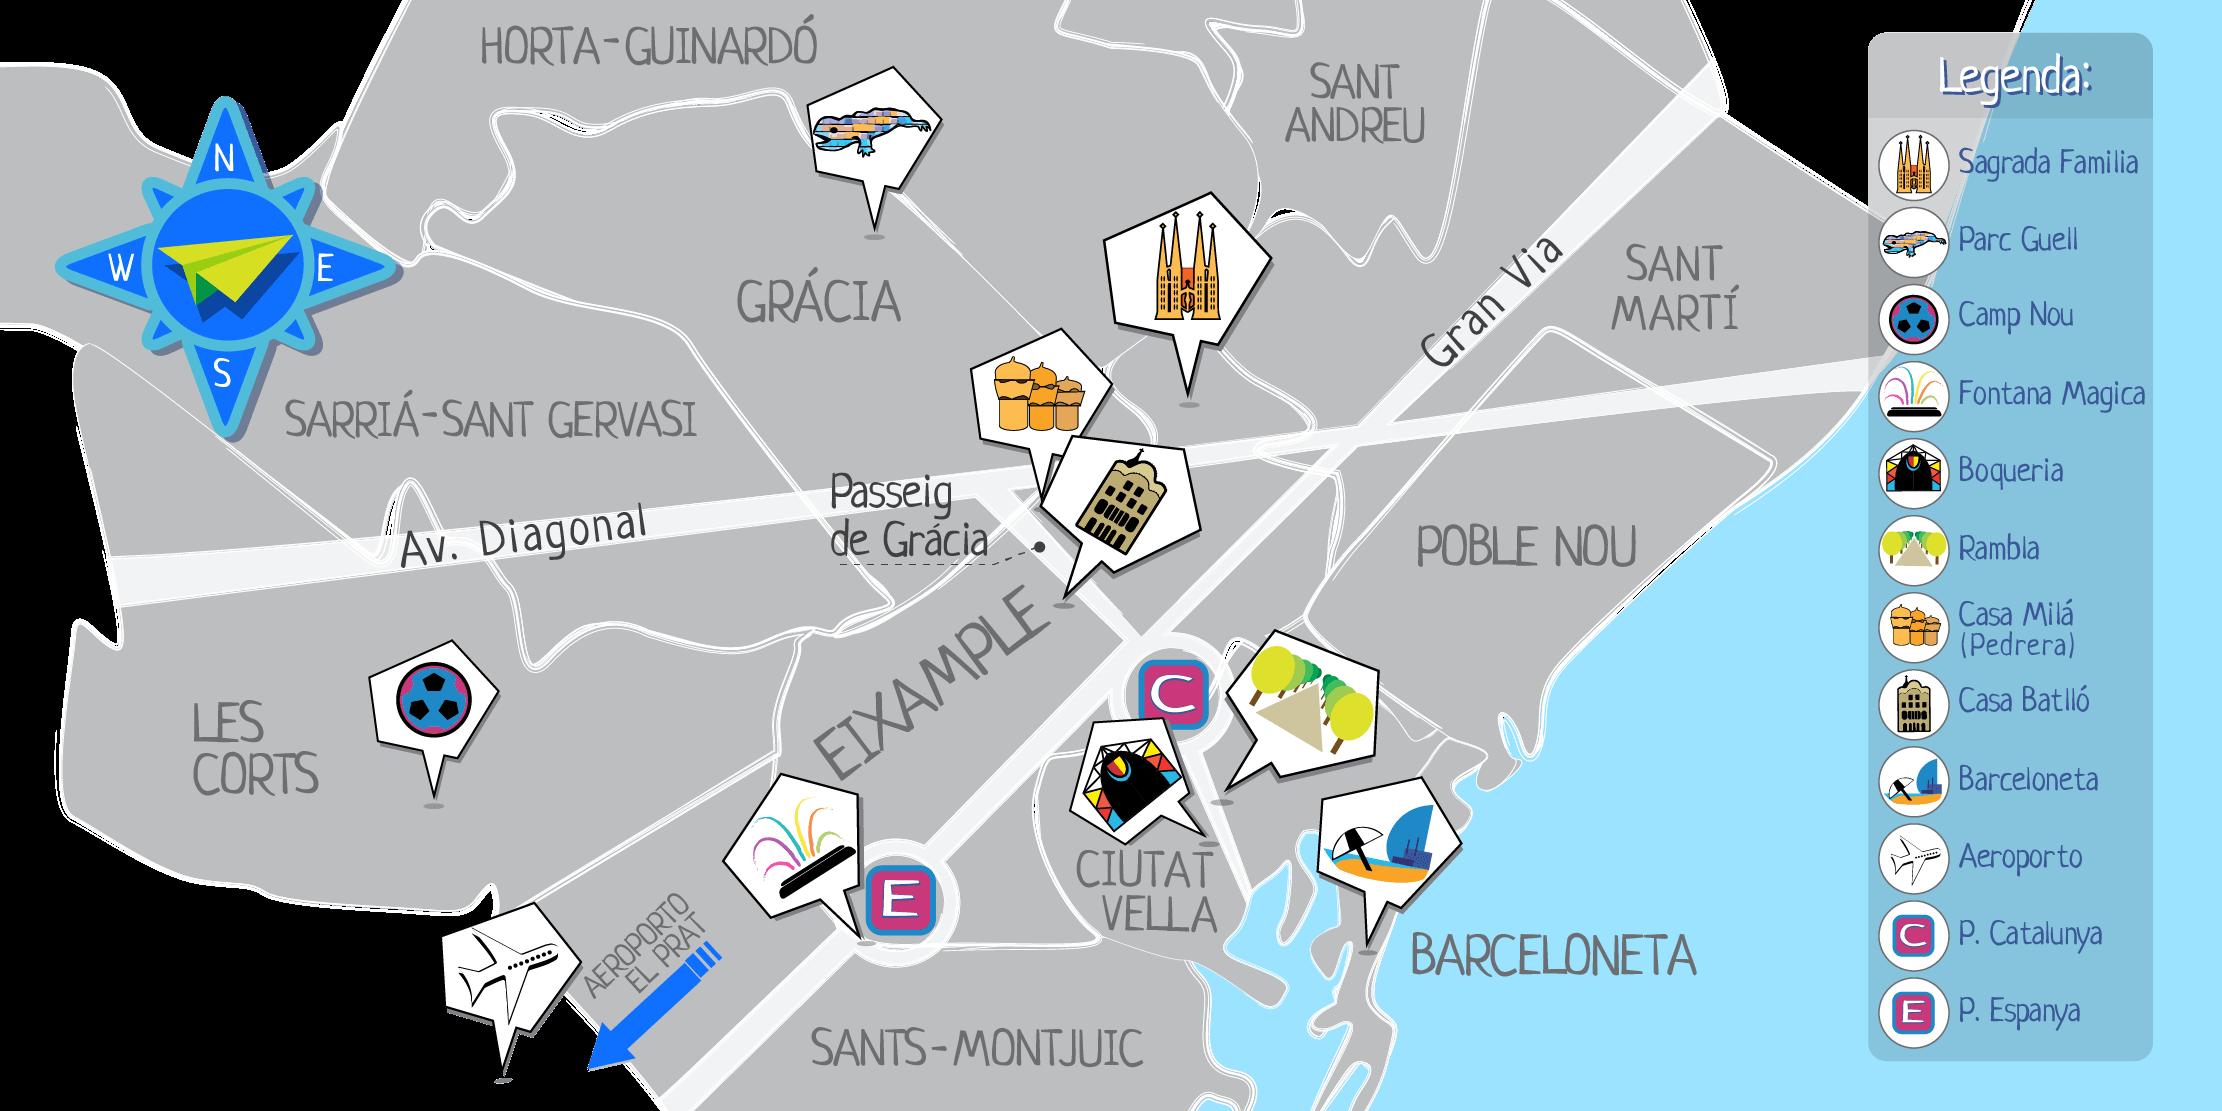 La mappa di Barcellona